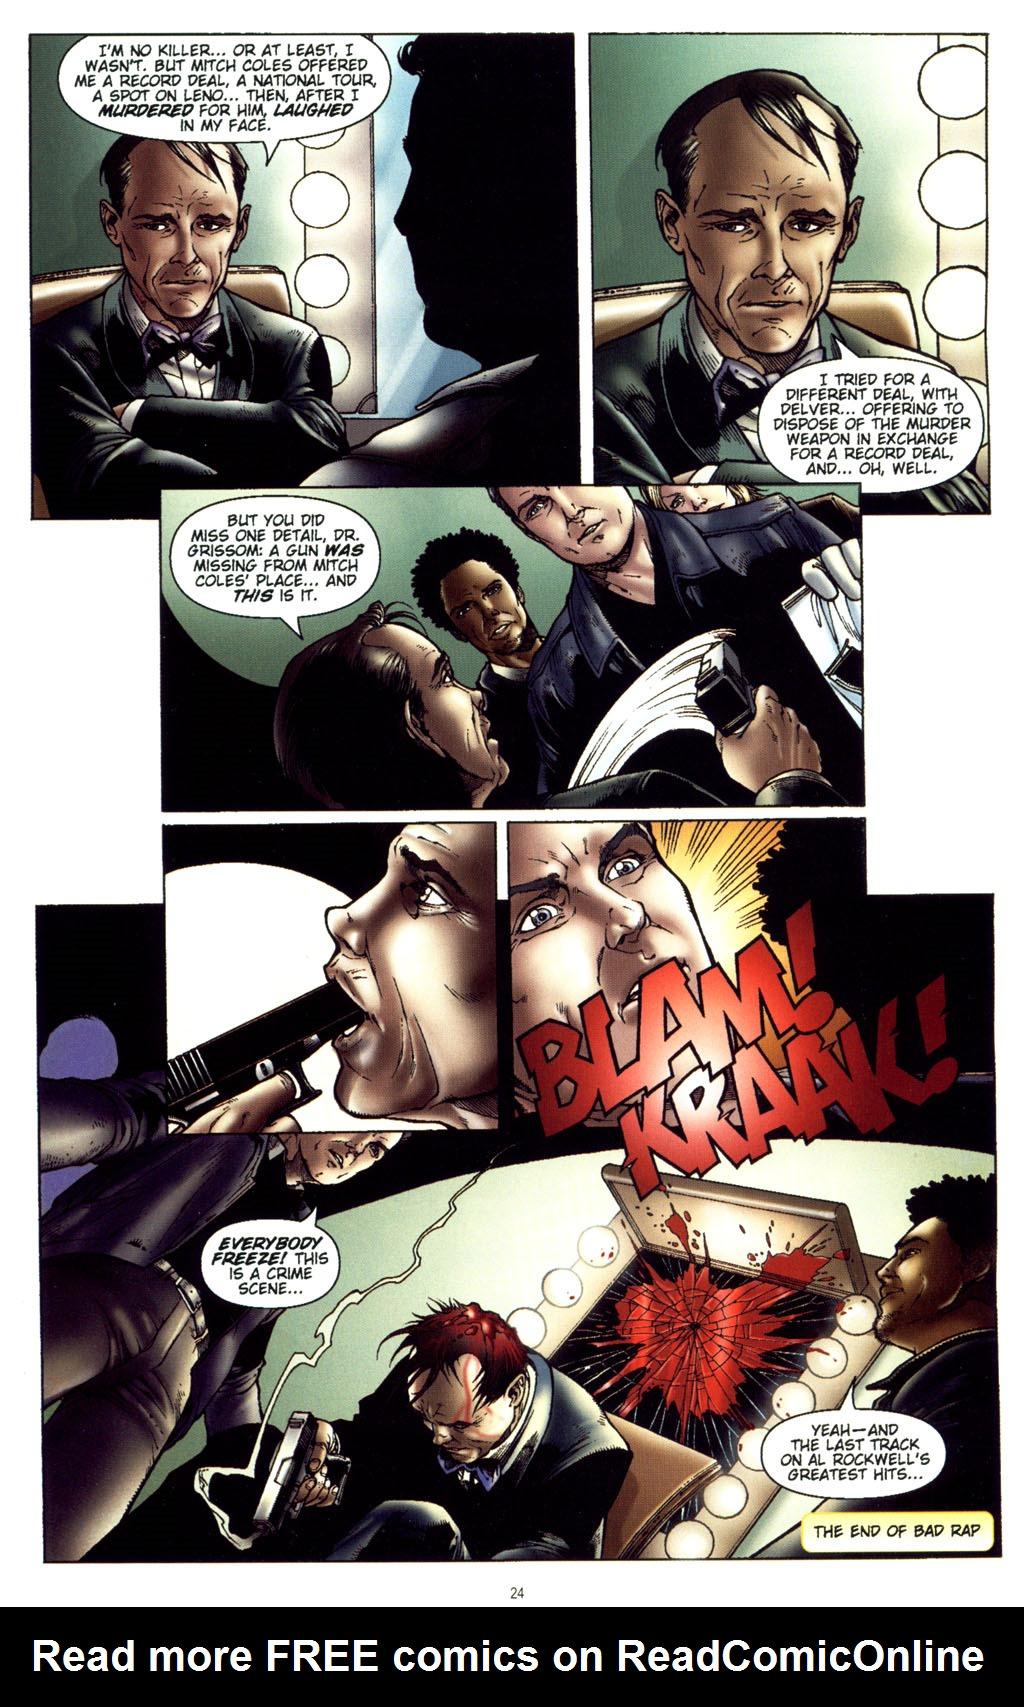 Read online CSI: Crime Scene Investigation: Bad Rap comic -  Issue #5 - 27